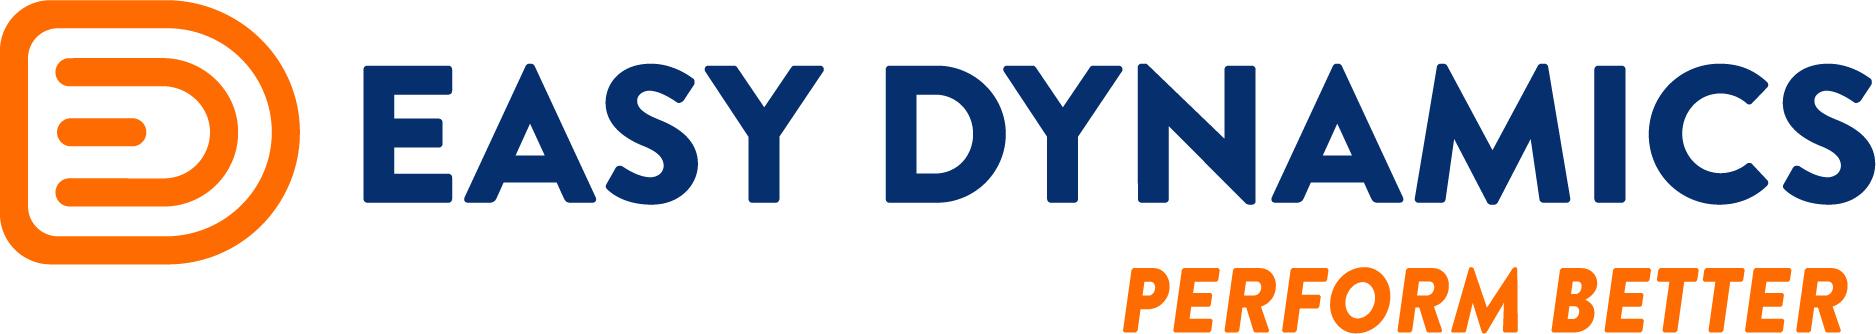 Easy Dynamics  logo